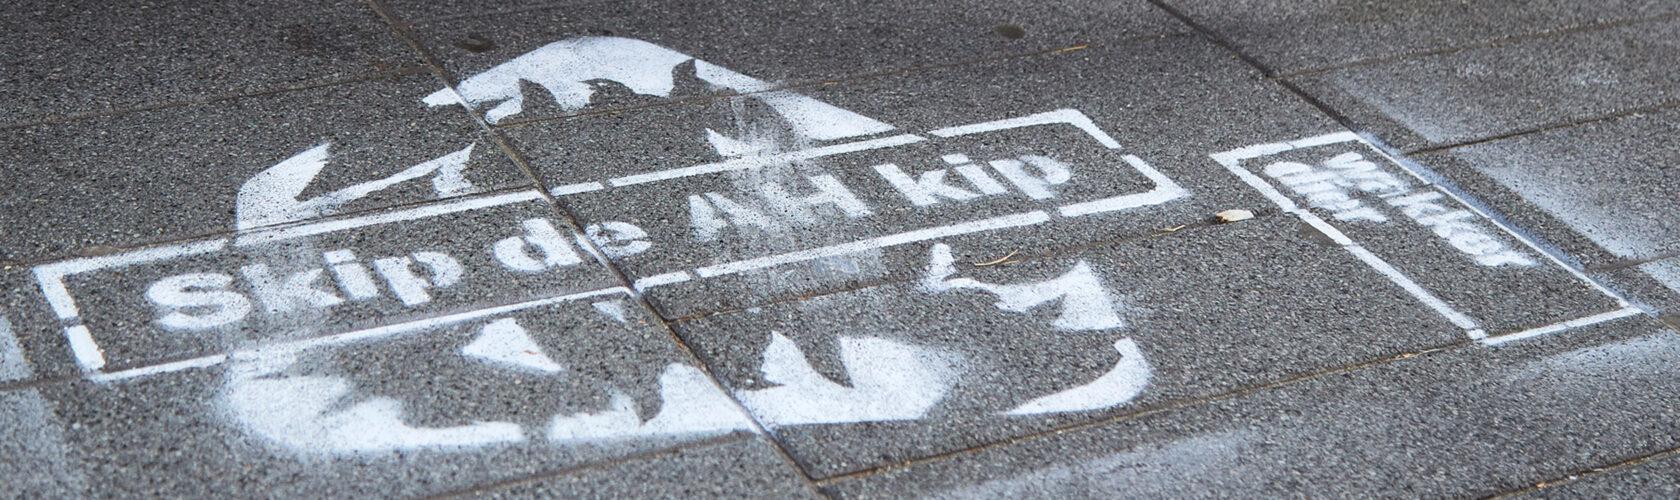 Beeld: krijtgraffiti op de stoep met de tekst Skip de AH kip